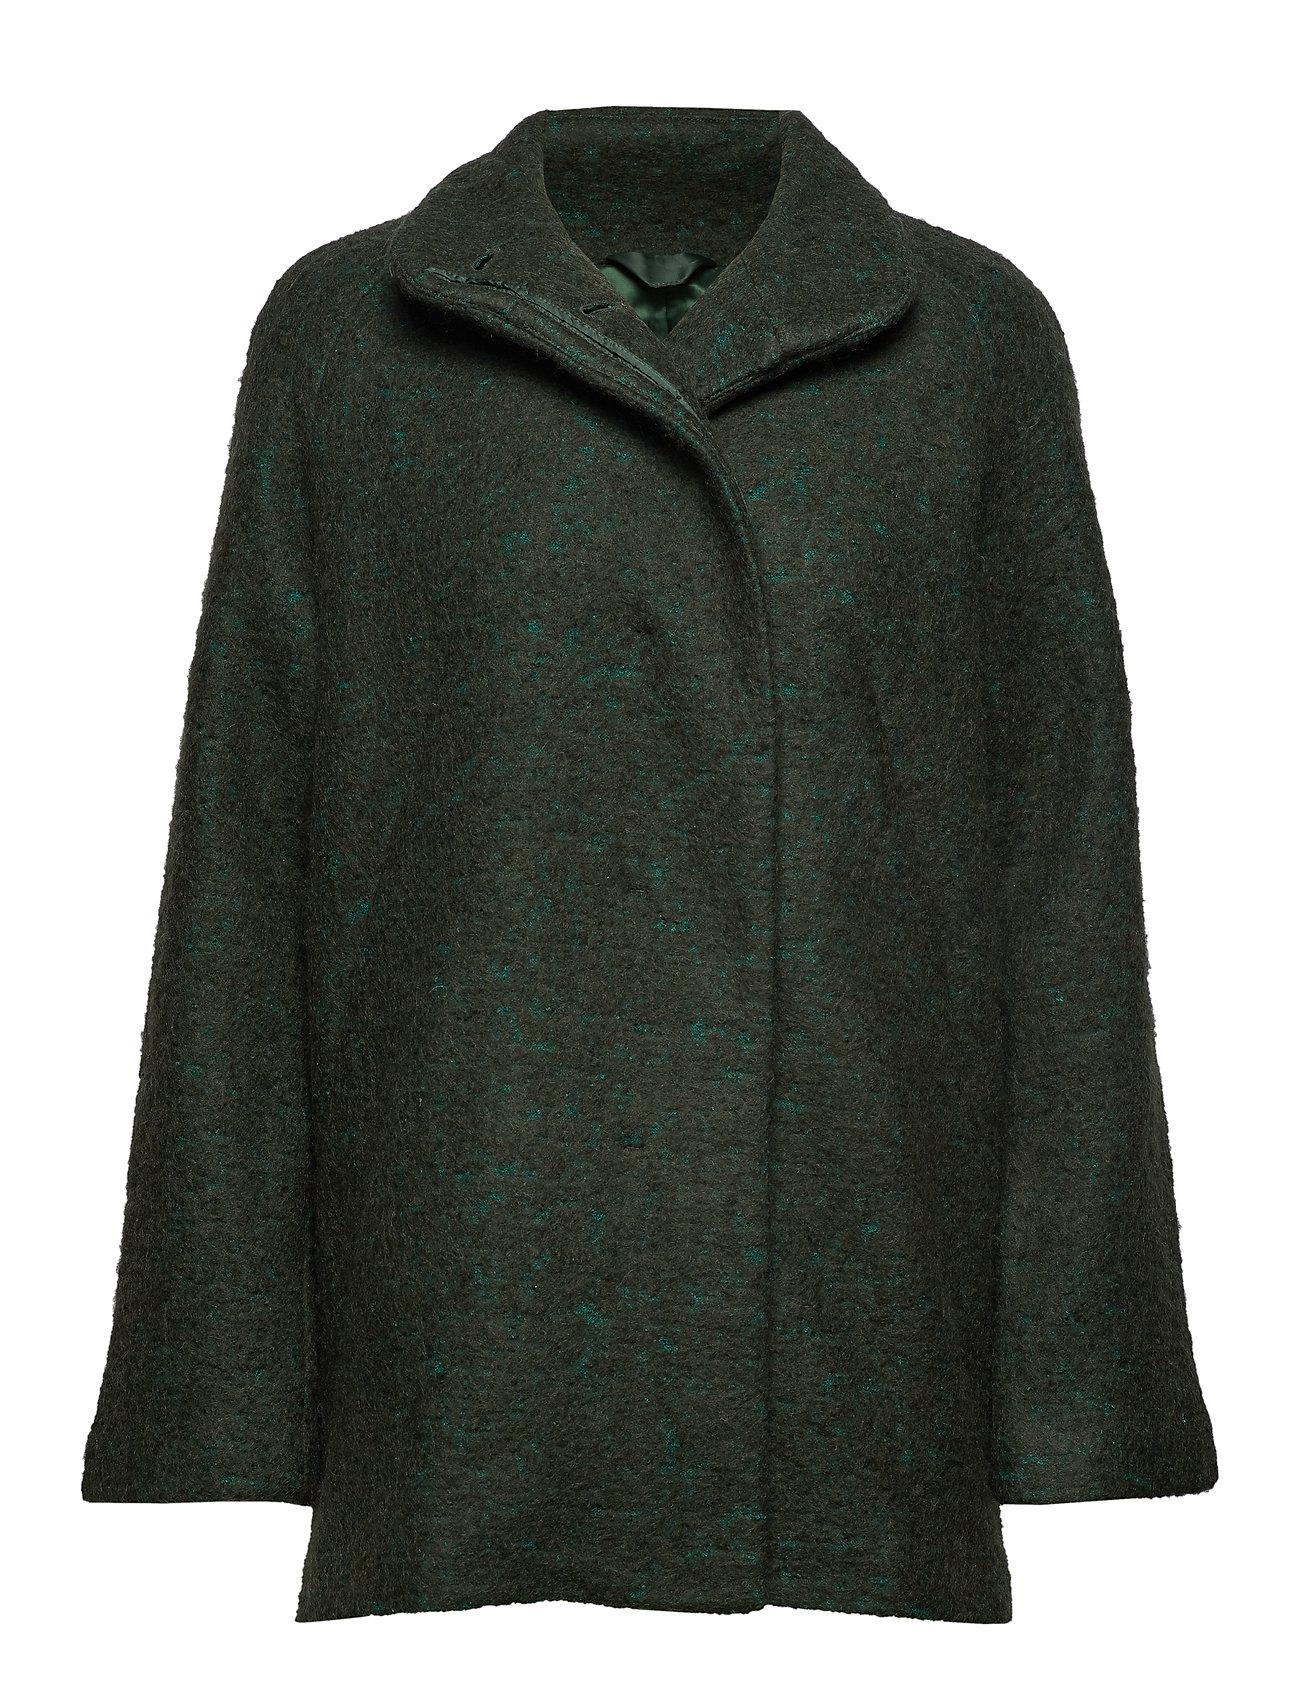 Samsøe Samsøe Helle jacket 6182 - SHADY GLADE MEL.